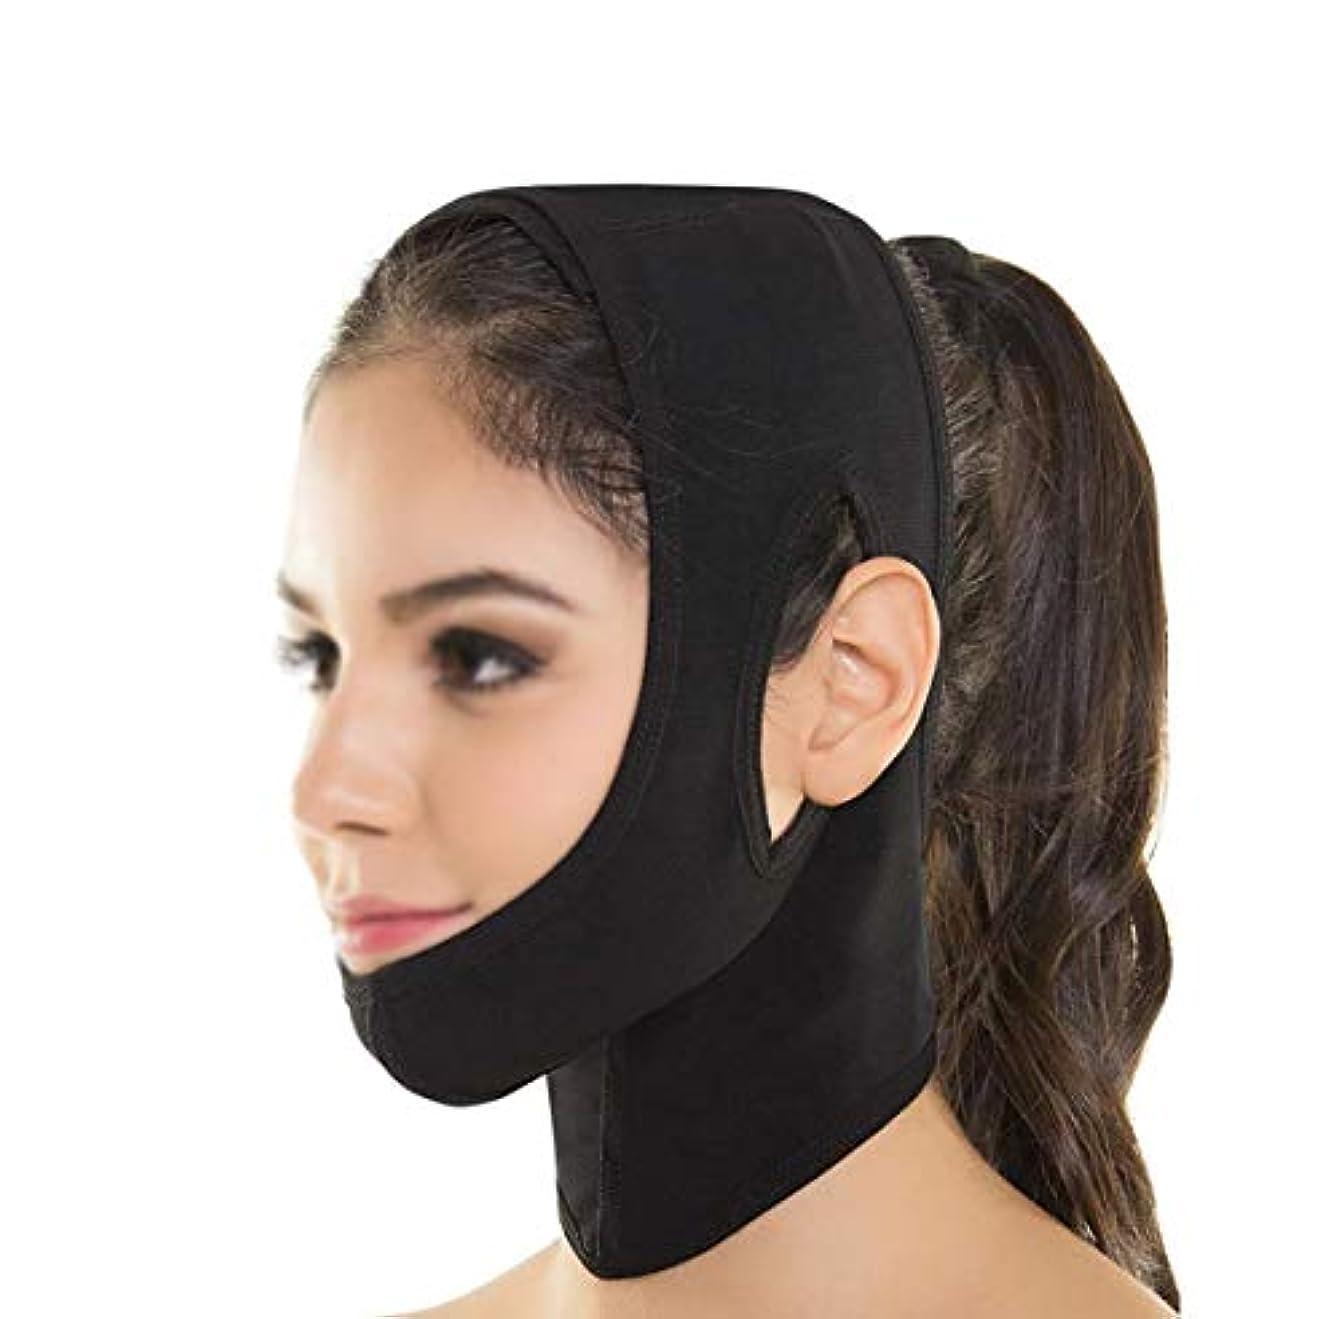 それから配る推進GLJJQMY フェイシャルリフティングマスクシリコンVマスクリフティングマスクシンフェイスアーティファクトリフティングダブルチン術後包帯フェイシャル&ネックリフティング 顔用整形マスク (Color : Black)